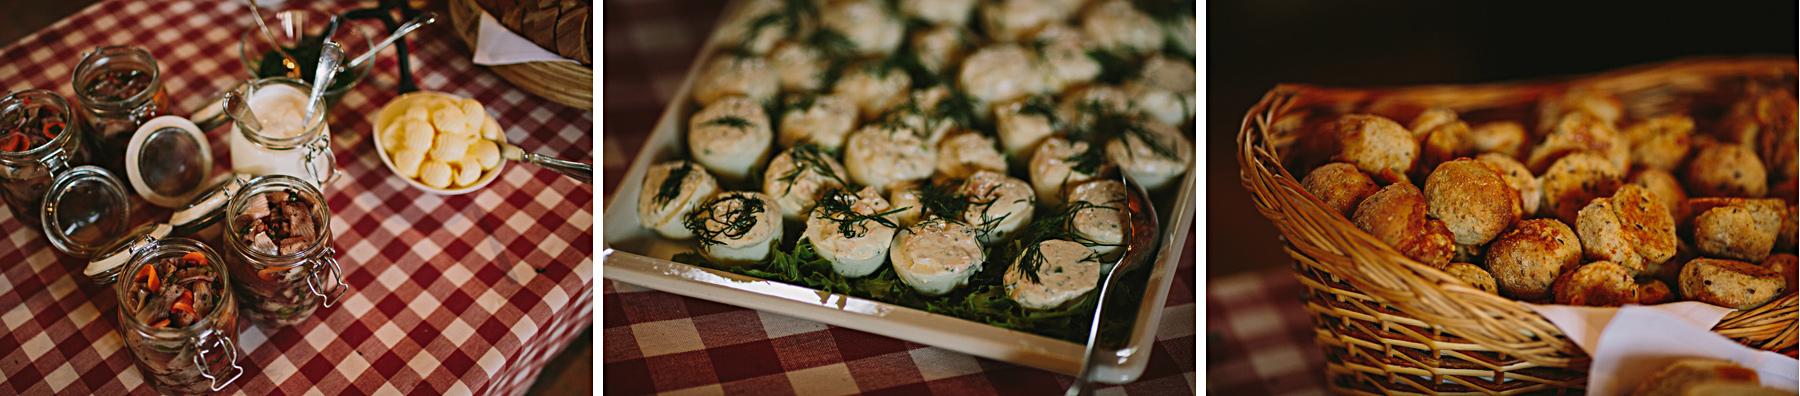 sill potatis ägg och bröd på midsommarbordet